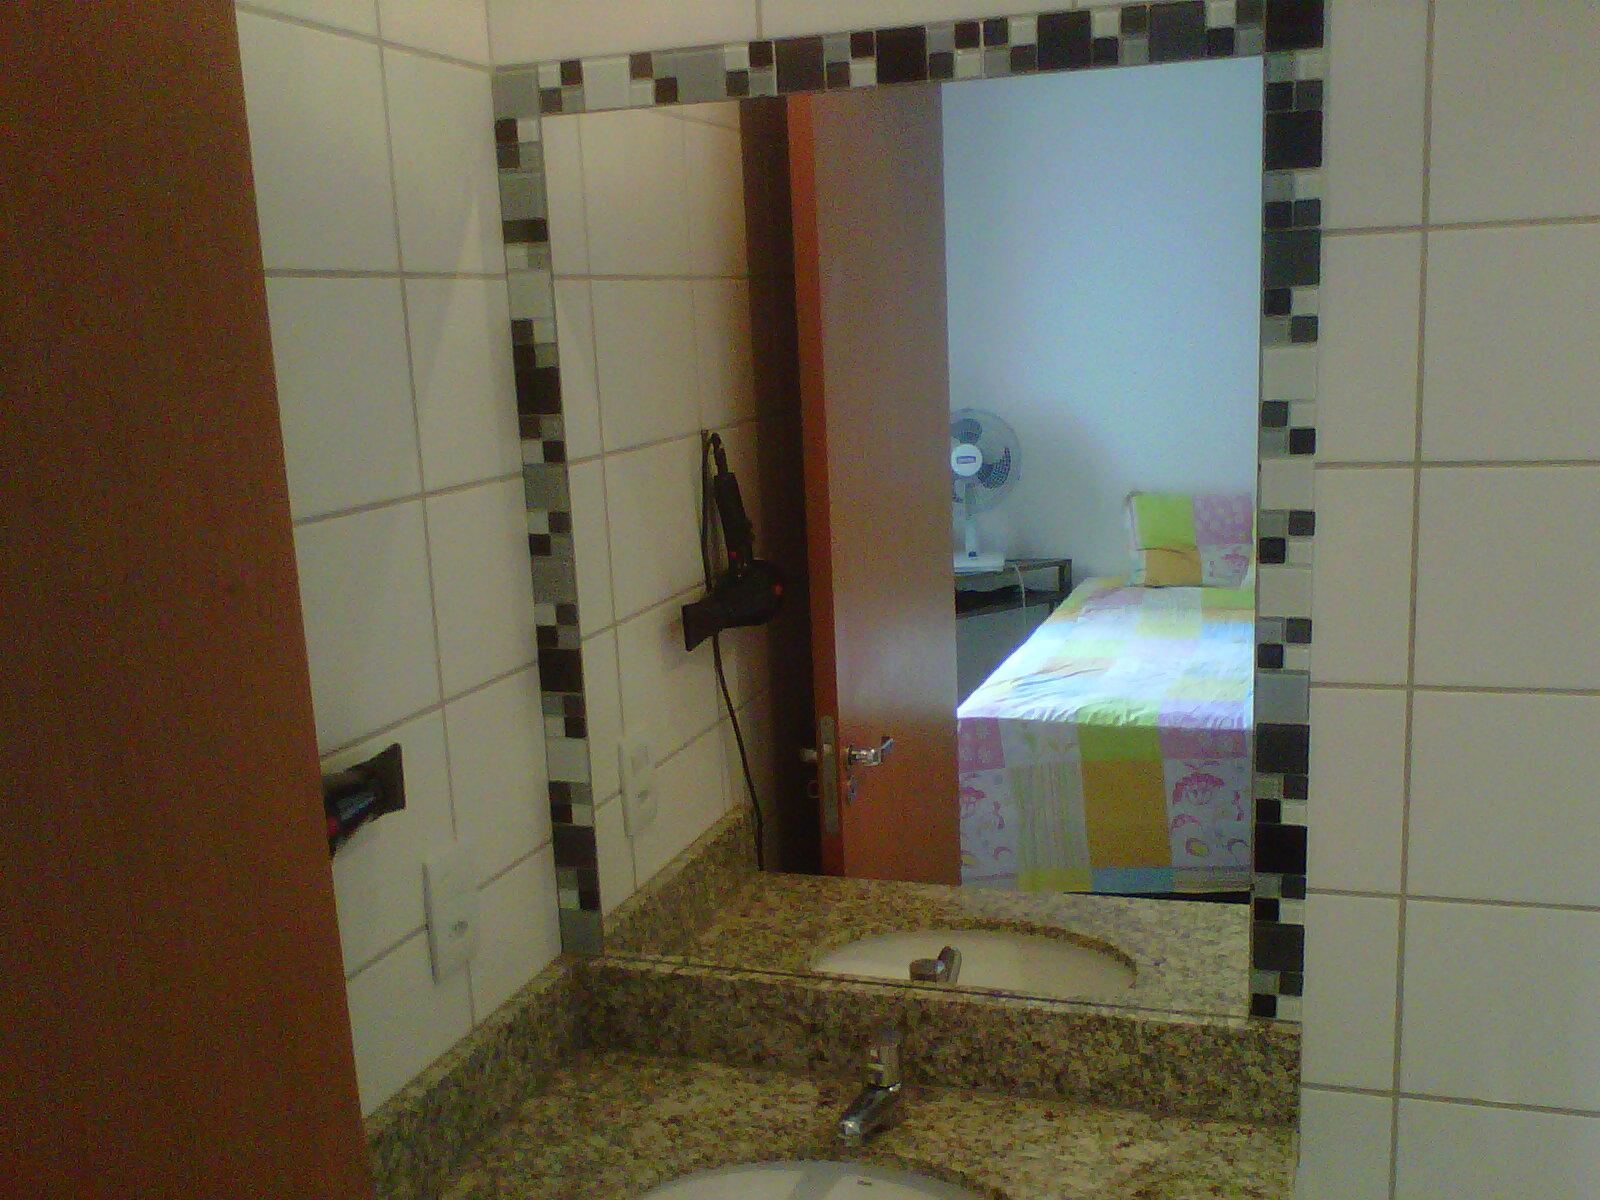 ESPELHOS COM DETALHES EM PASTILHA DE VIDRO NOS BANHEIROS #2589A6 1600x1200 Banheiro Com Pastilha De Vidro Transparente